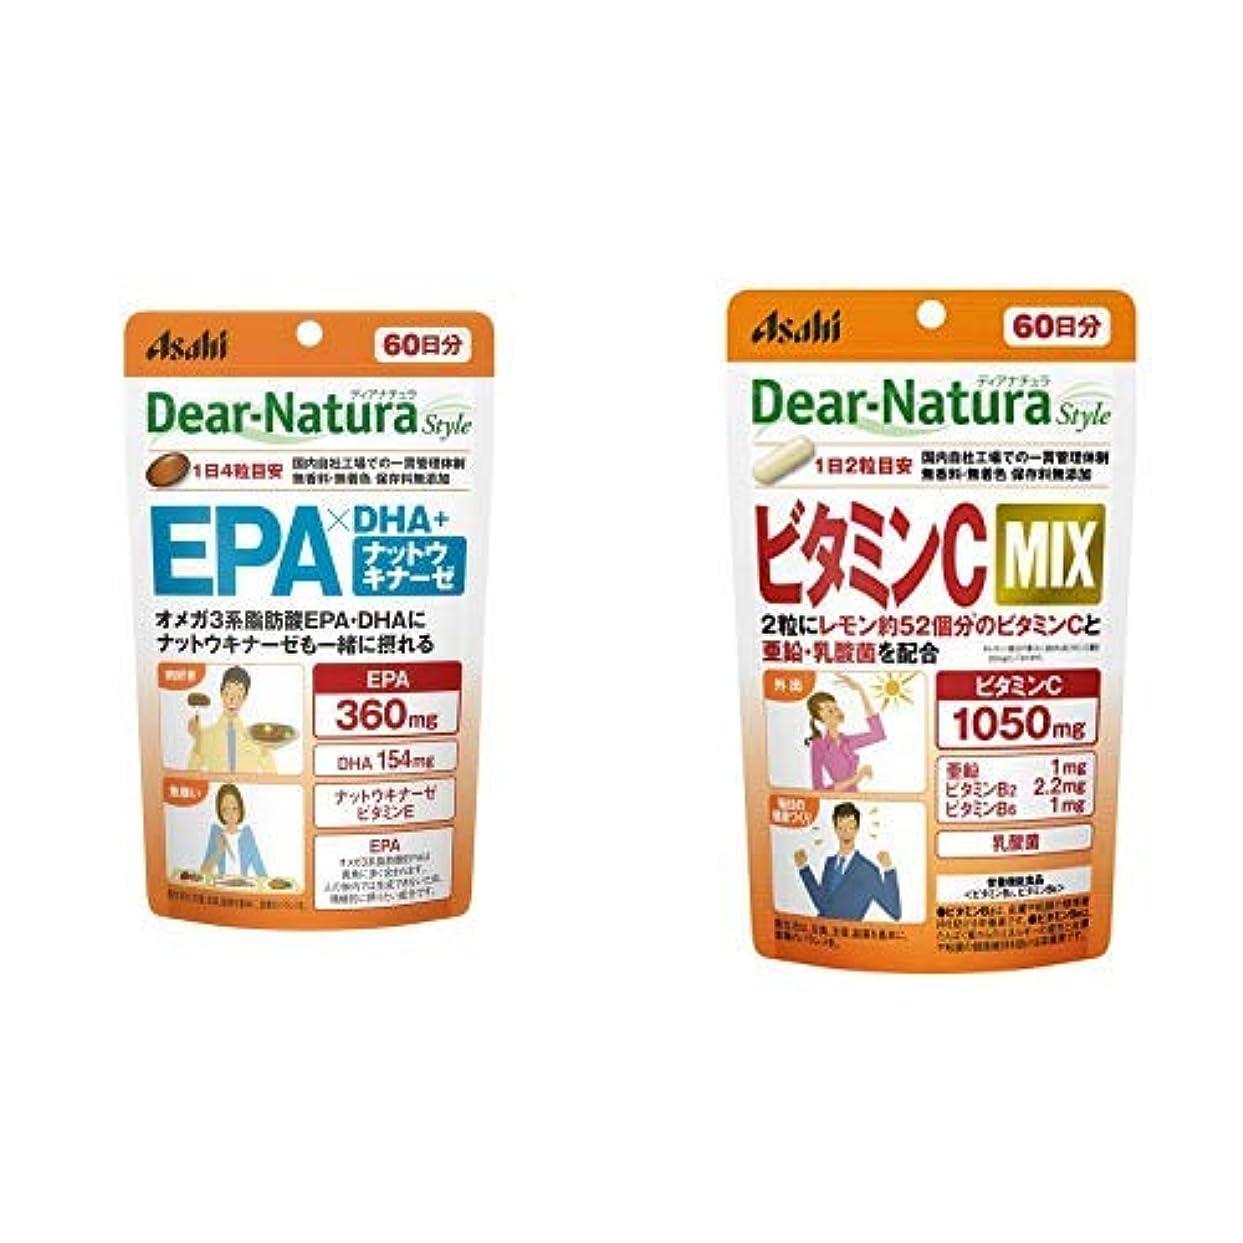 刃インタネットを見るラップトップ【セット買い】ディアナチュラスタイル EPA×DHA+ナットウキナーゼ 60日分 & ビタミンC MIX 60日分